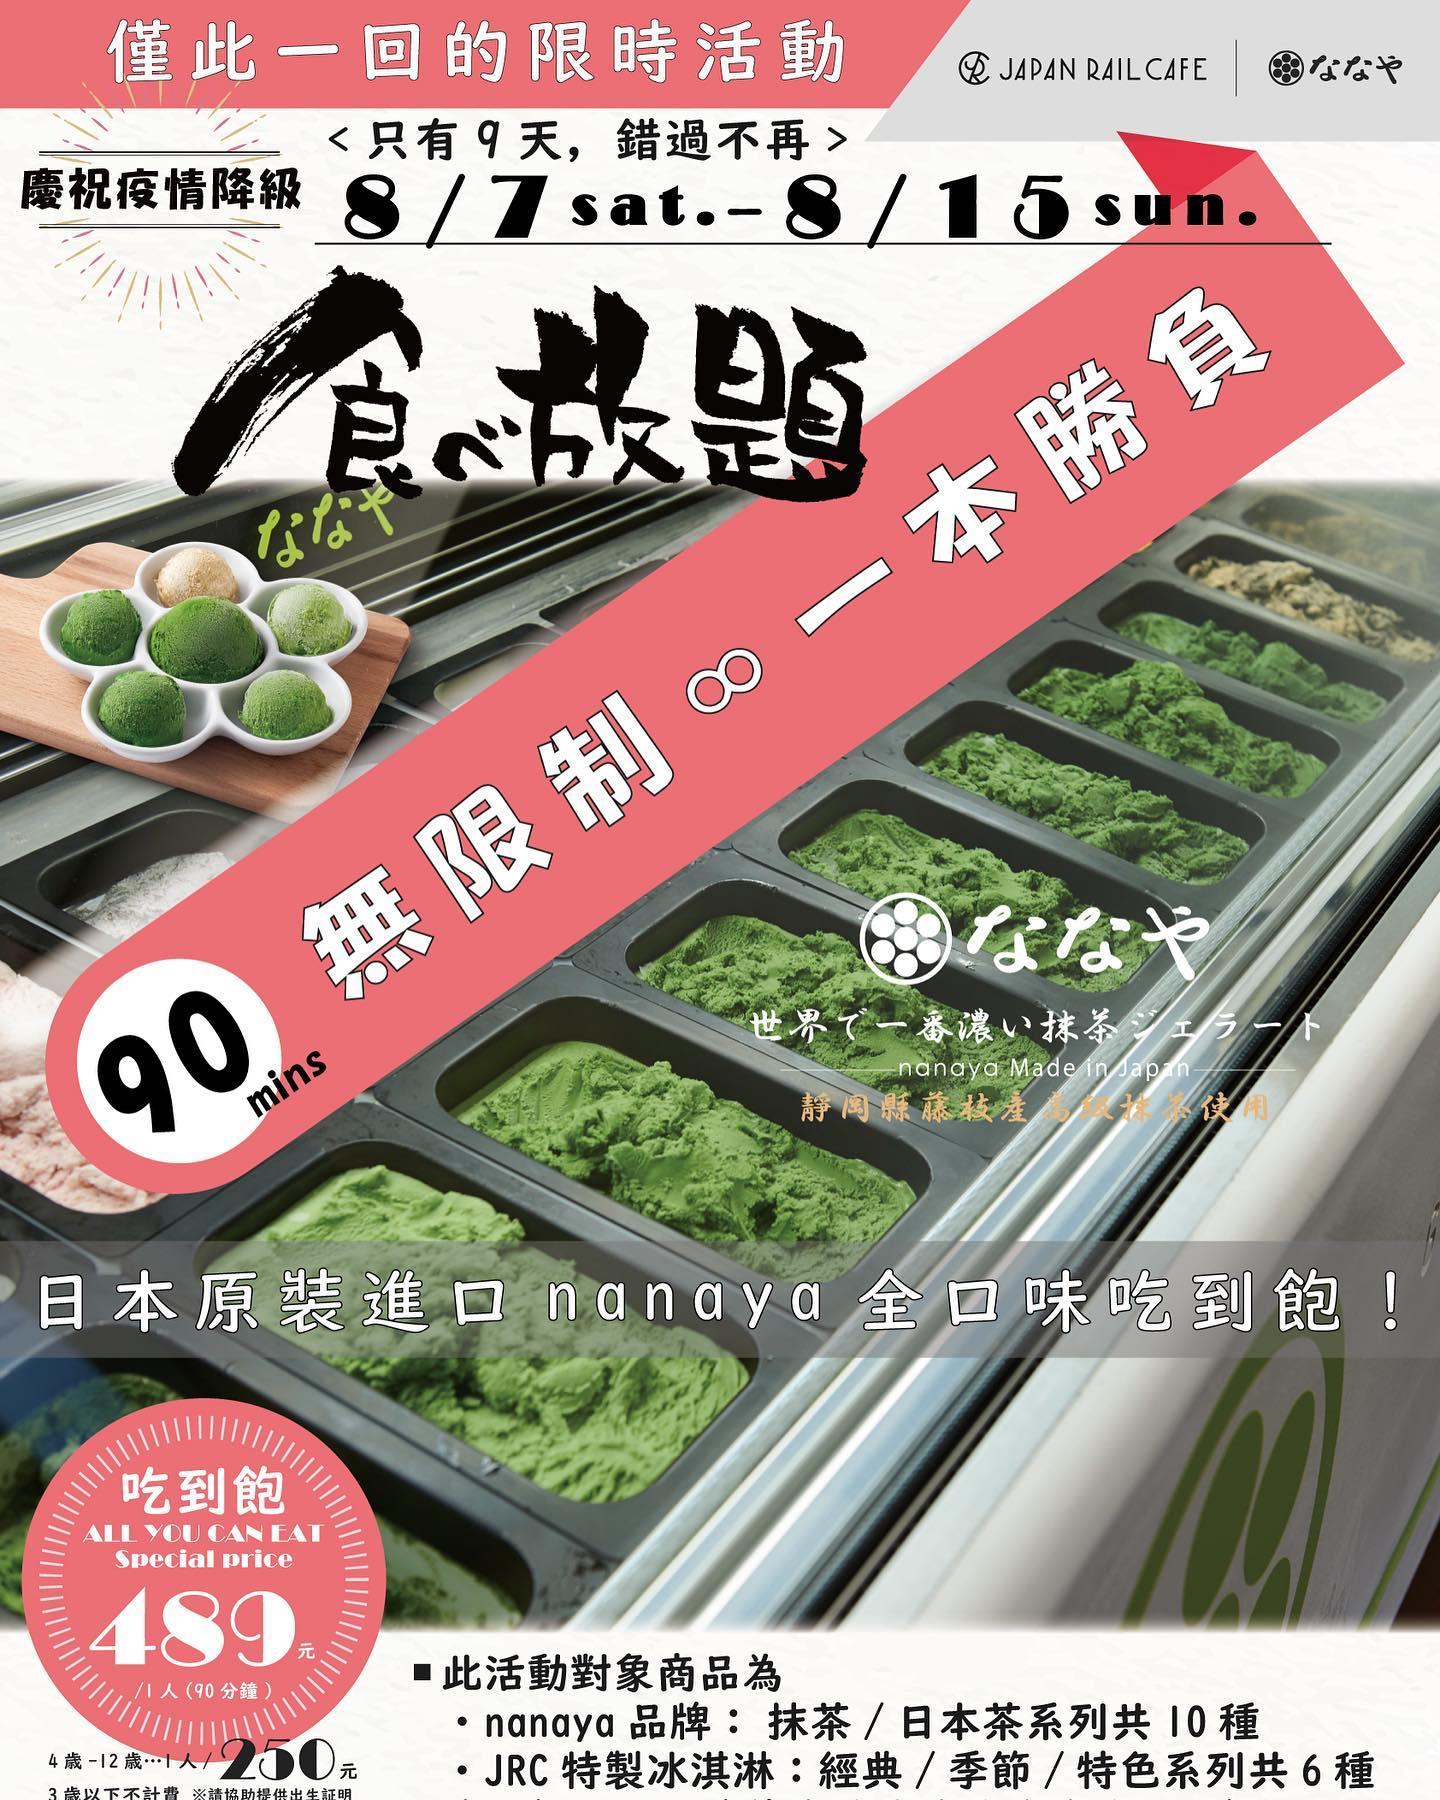 【台北】japan rail cafe JR東日本的主題咖啡店  日本直送世界第一的濃抹茶冰淇淋 微風南山店 @Maruko與美食有個約會